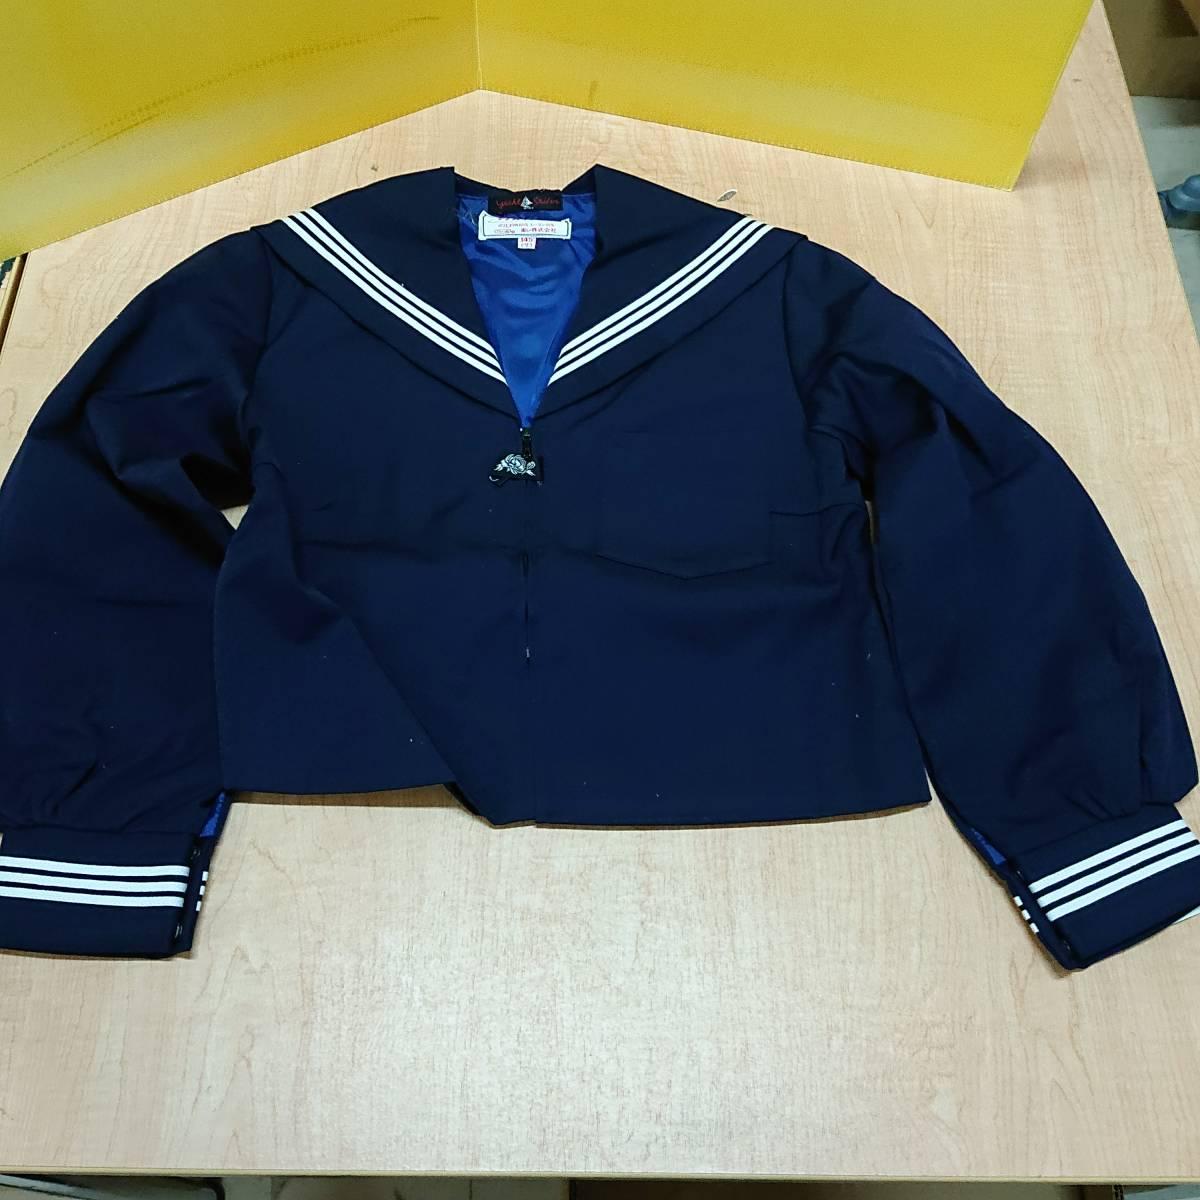 L 女子制服 学生服 通学服 上衣 上のみ サイズ 145(7)_画像3